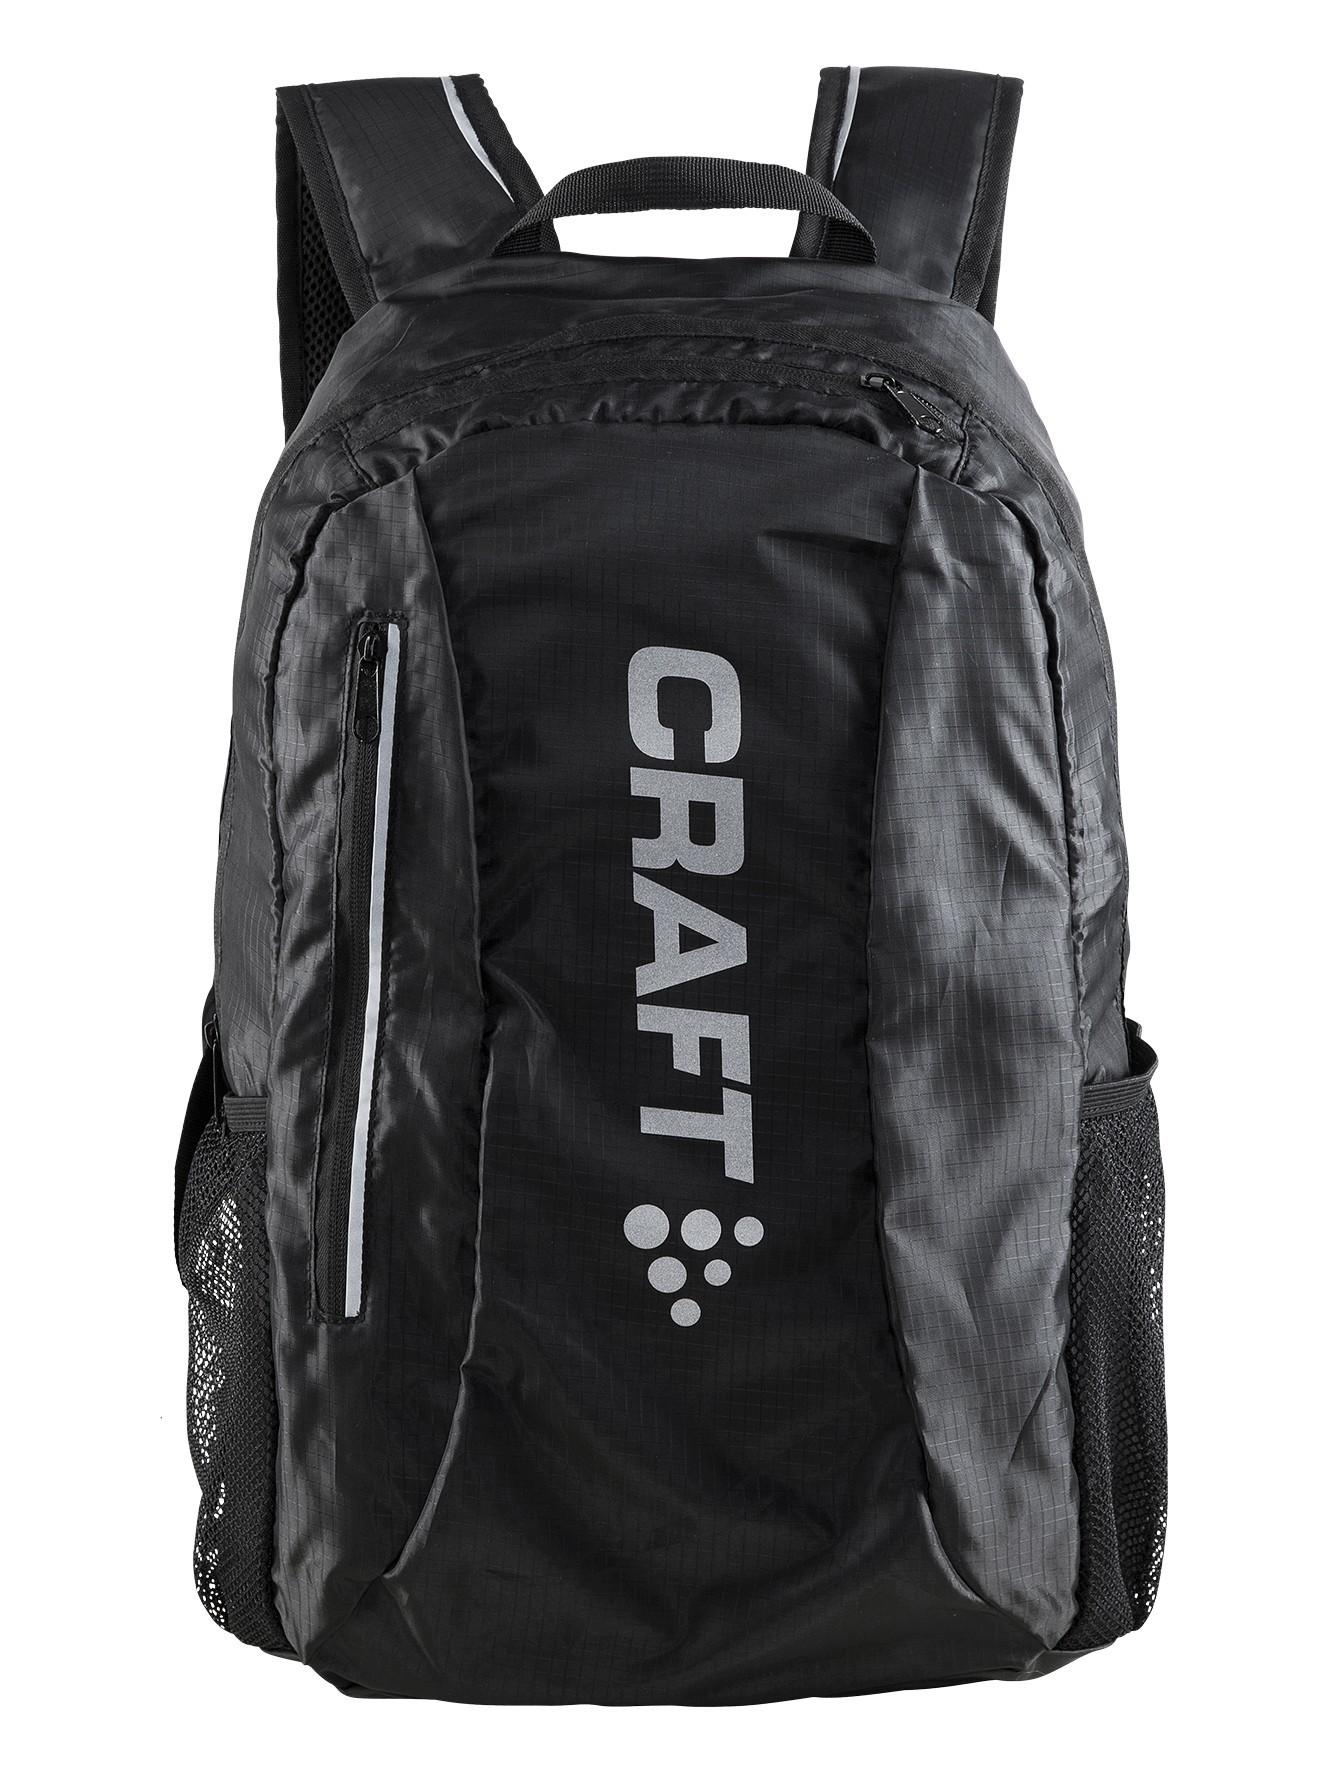 Спортивный рюкзак Craft Training 1903538-9999 для бега и фитнеса